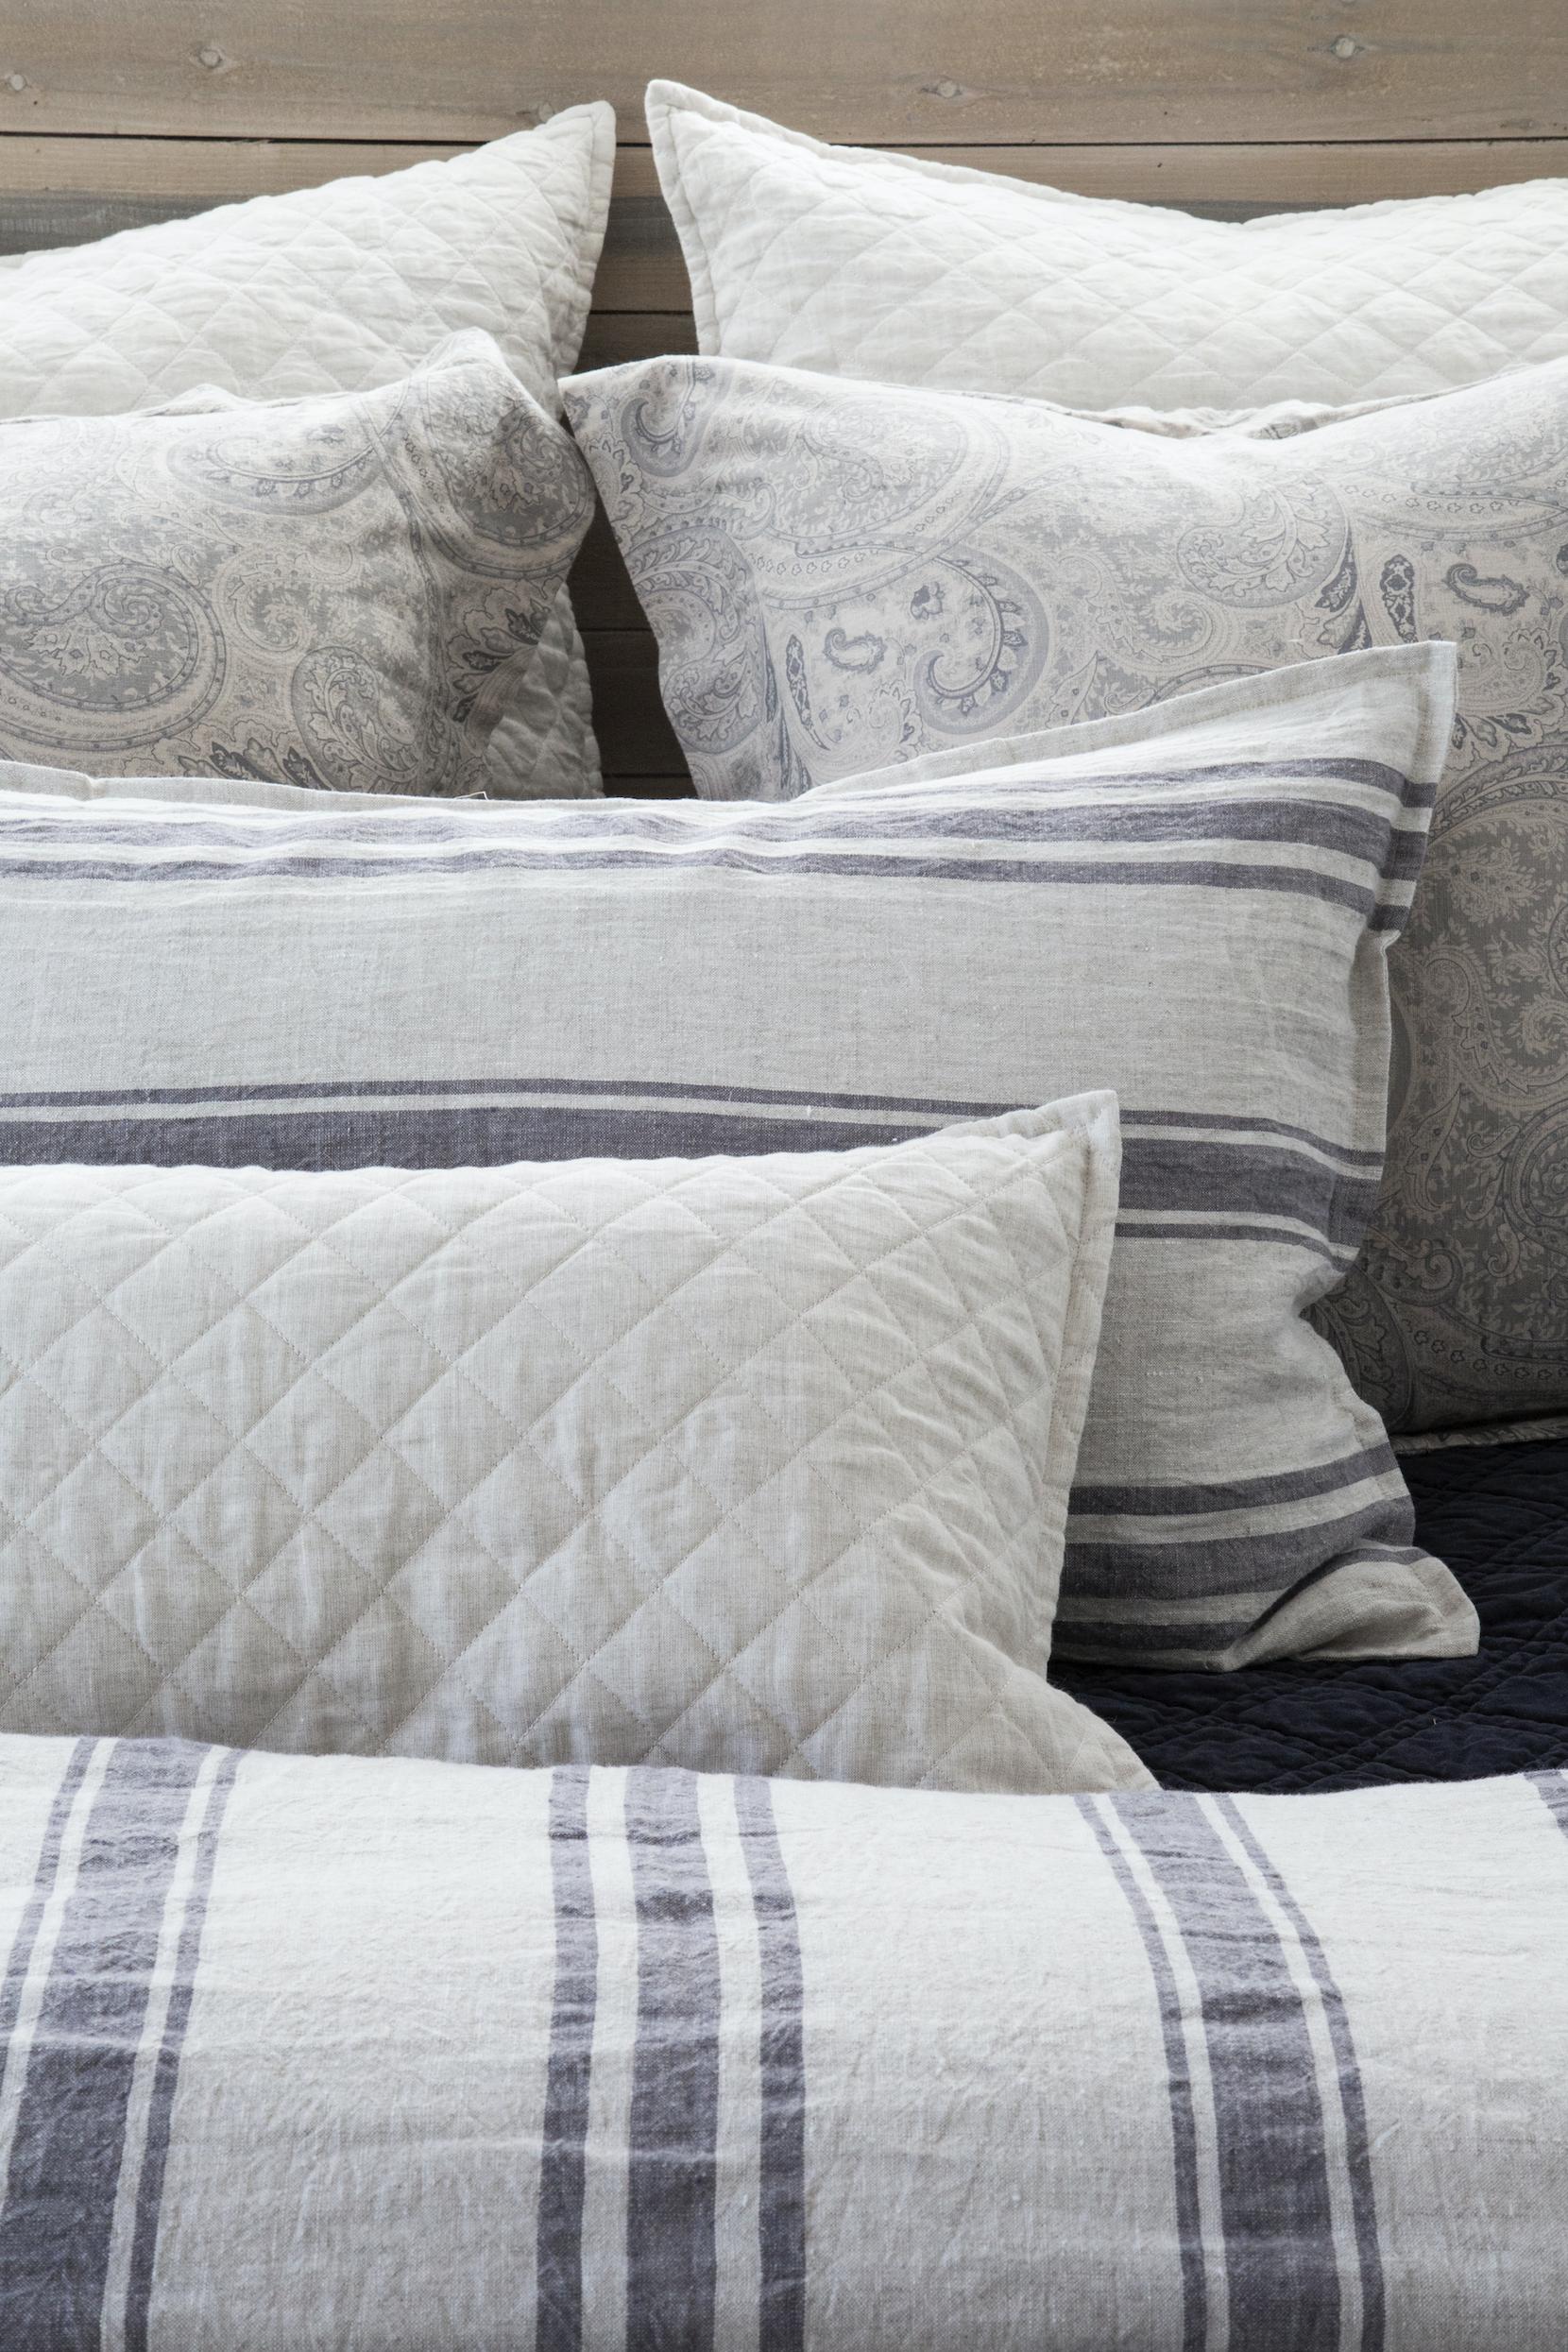 allergen simmons reviews pillows barrier pdx polyfill bath beautyrest bed pillow bedroom wayfair